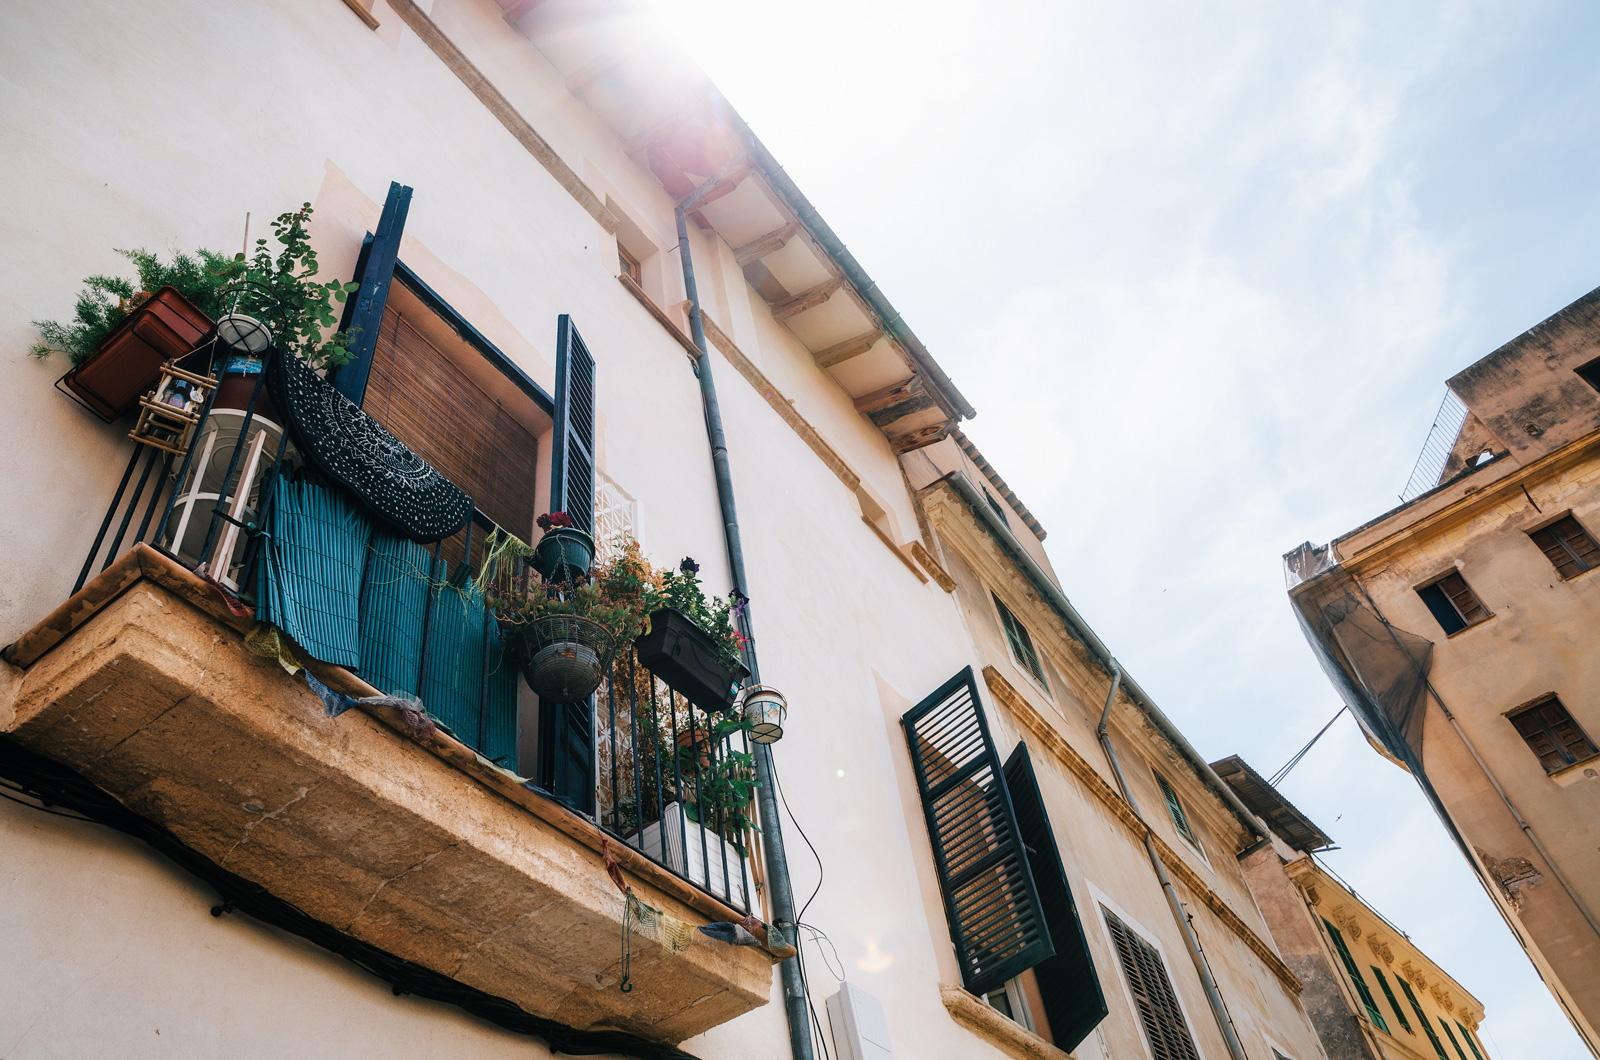 У каждого жителя свой взгляд на оформление балкона, Пальма де Майорка